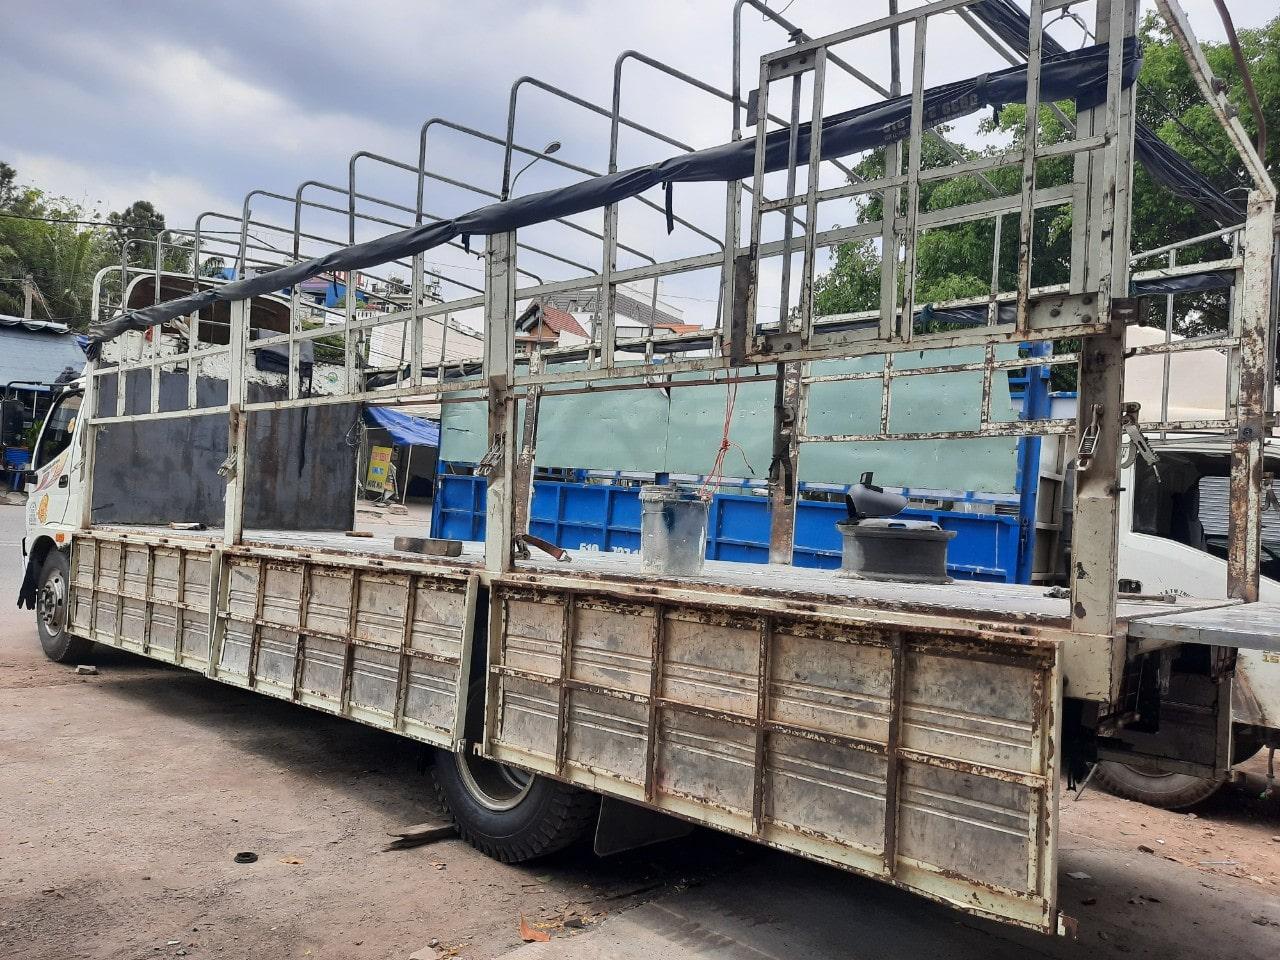 Dịch vụ cho thuê xe tải chở hàng giá rẻ - vận chuyển hàng hoá chuyên nghiệp tại tphcm